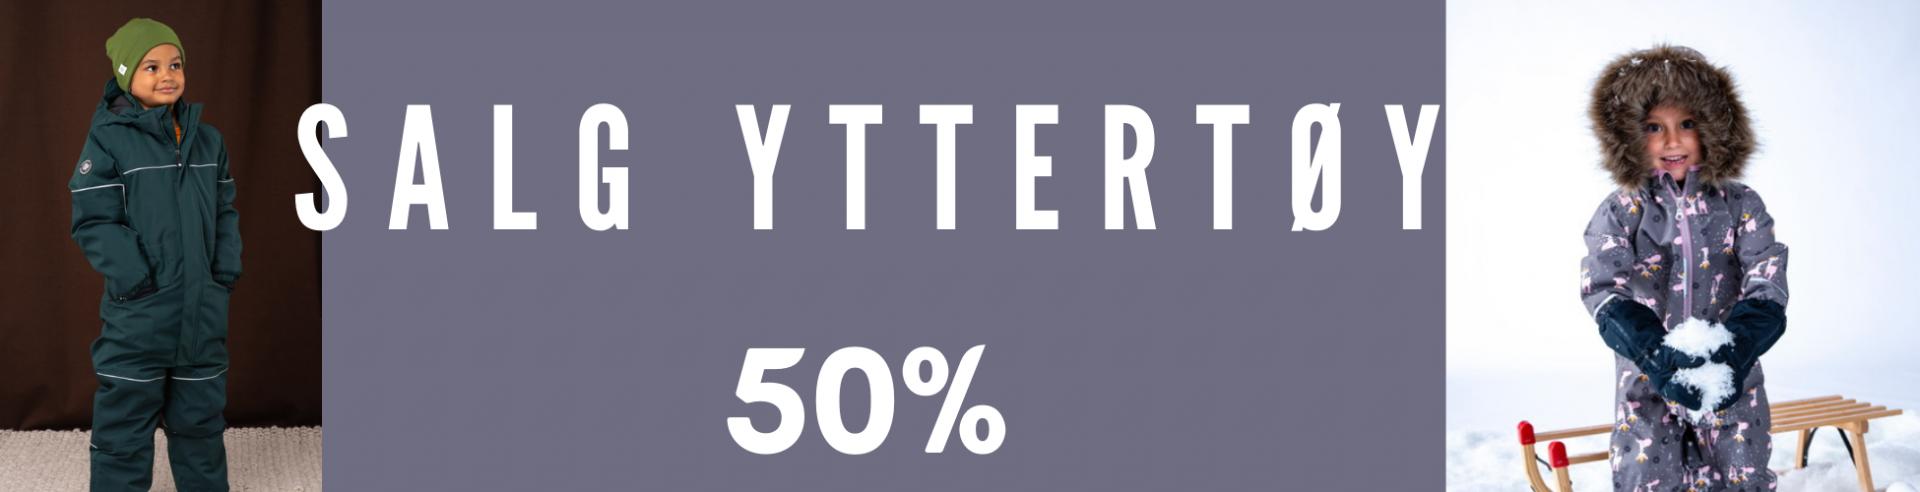 Salg Yttertøy -50%